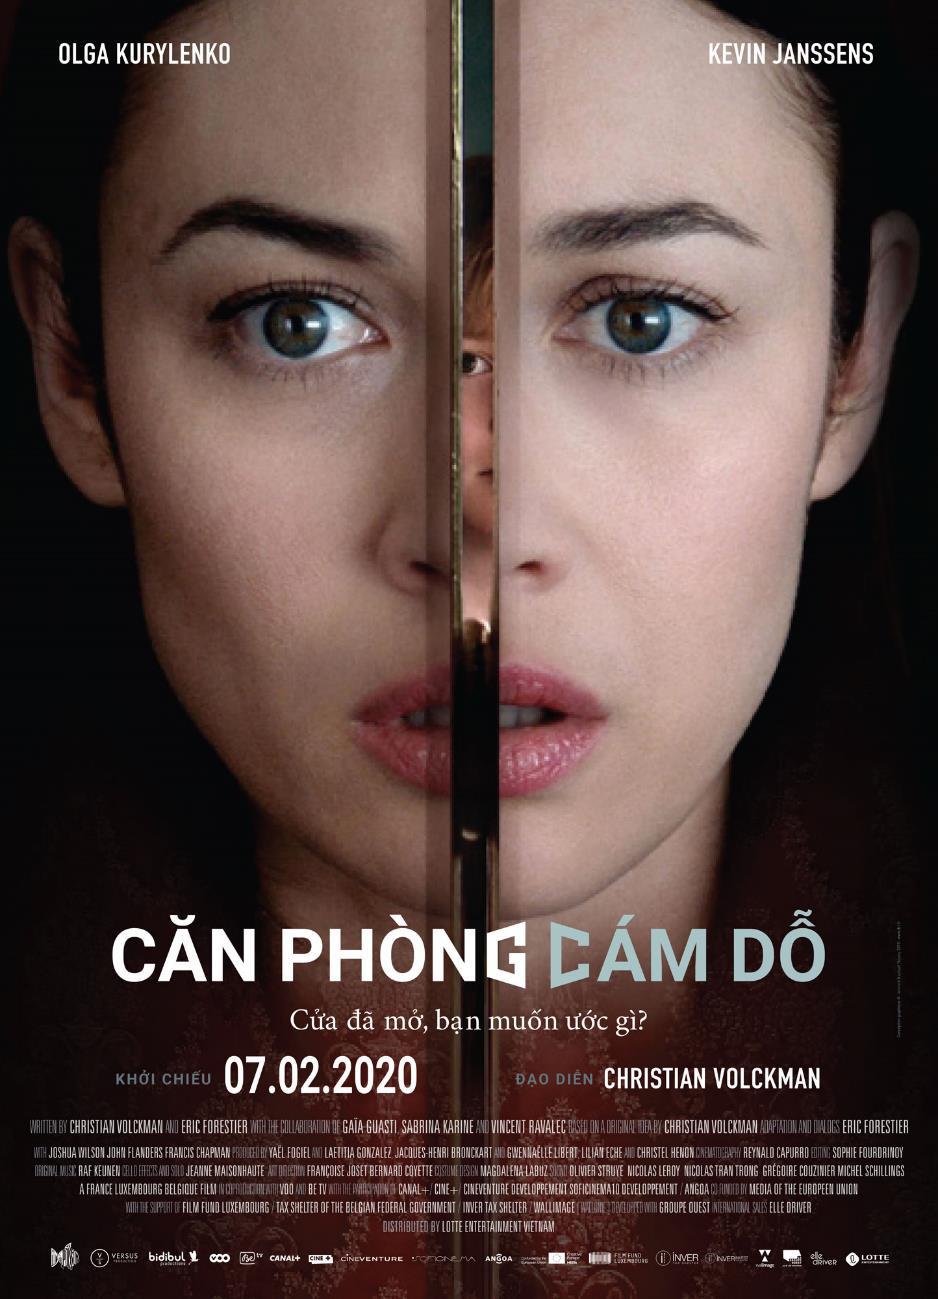 Căn Phòng Cám Dỗ – Siêu phẩm tâm lý kinh dị đầy u tối sẽ tấn công màn ảnh đầu tháng 2 - Ảnh 6.